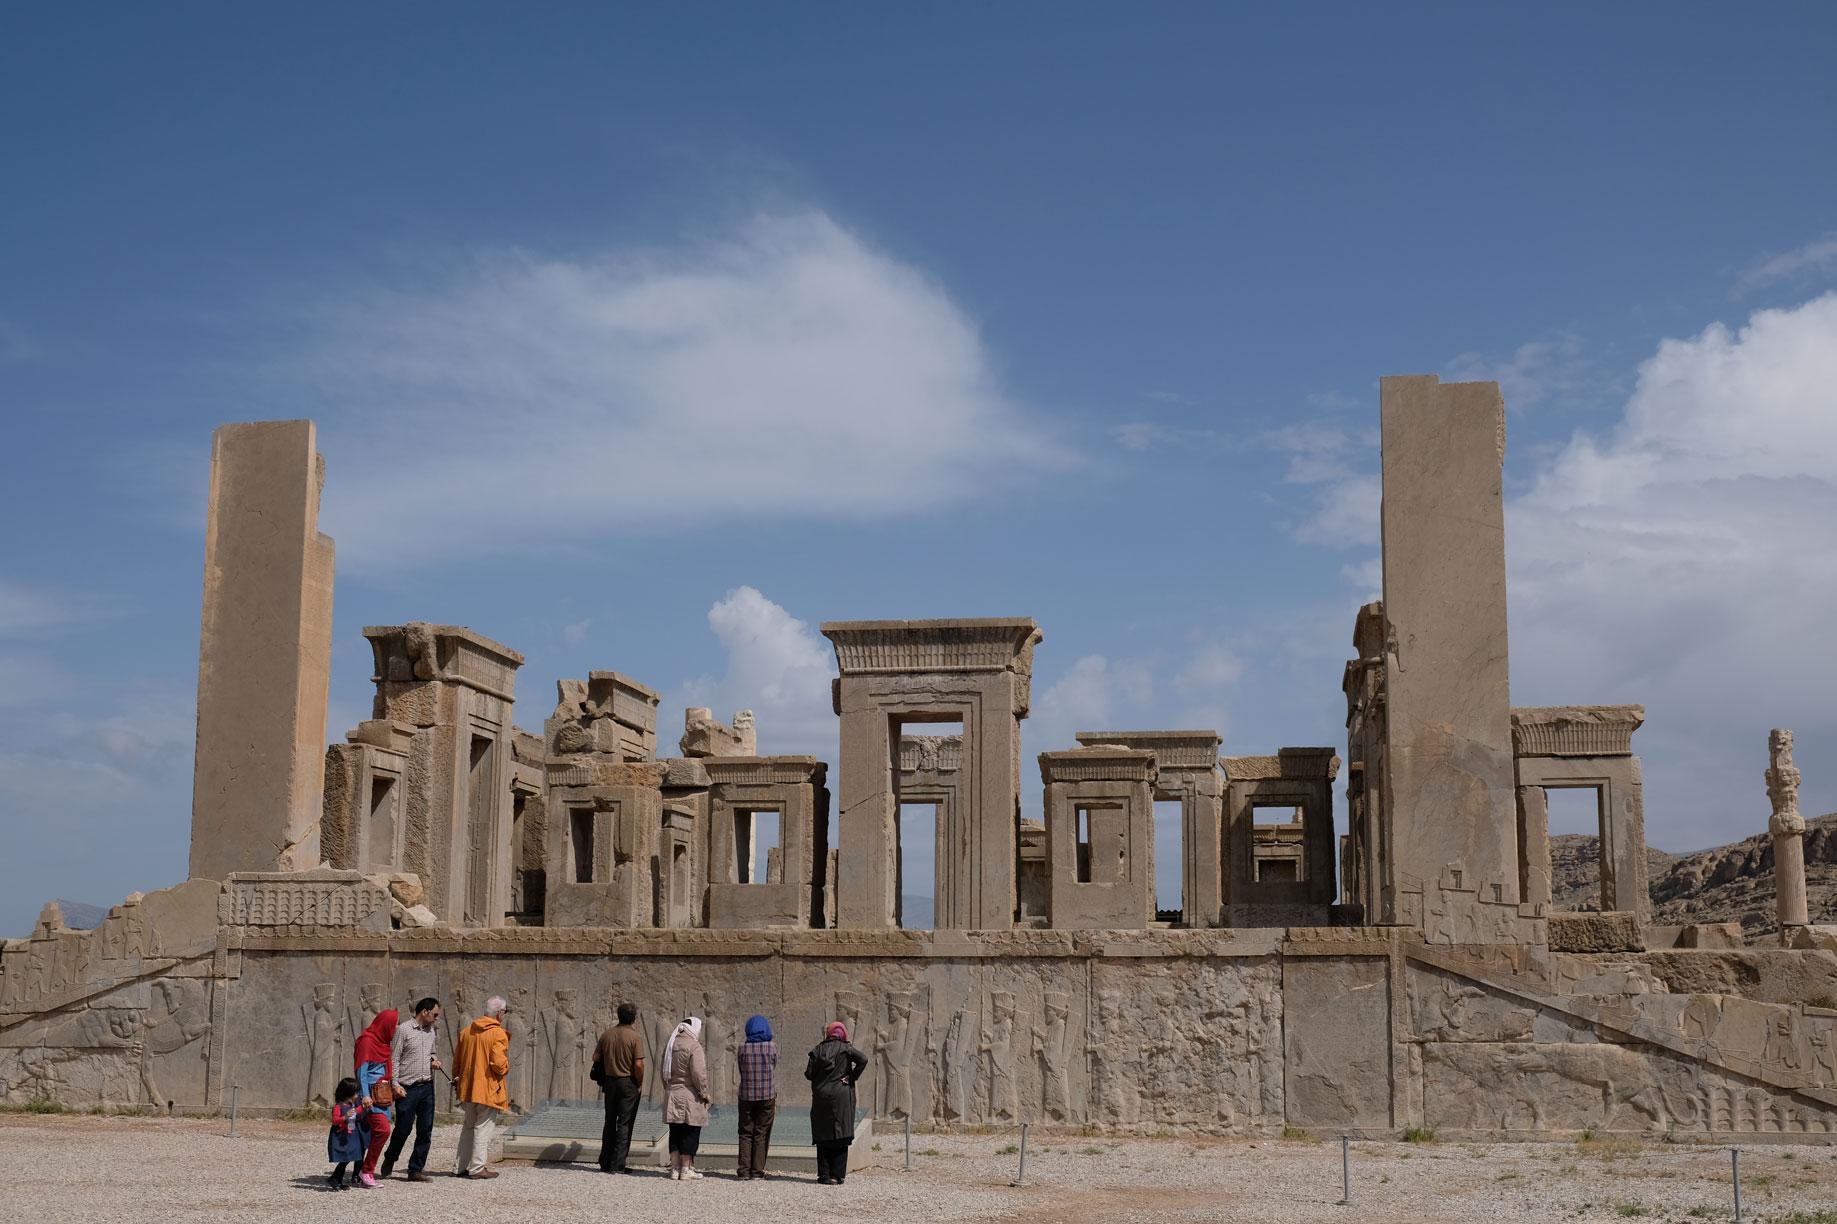 Menschen schauen sich die Überreste von Persepolis an